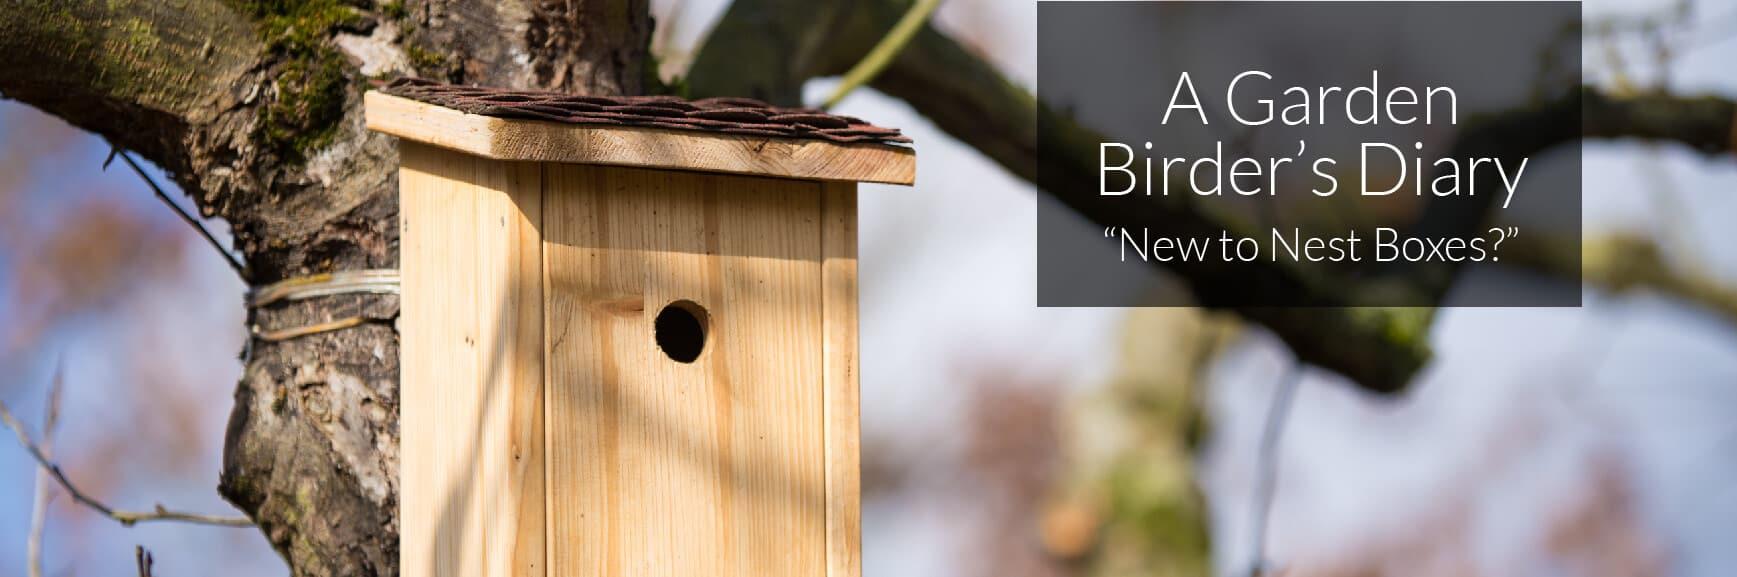 A Garden Birder's Diary – New to Nest Boxes